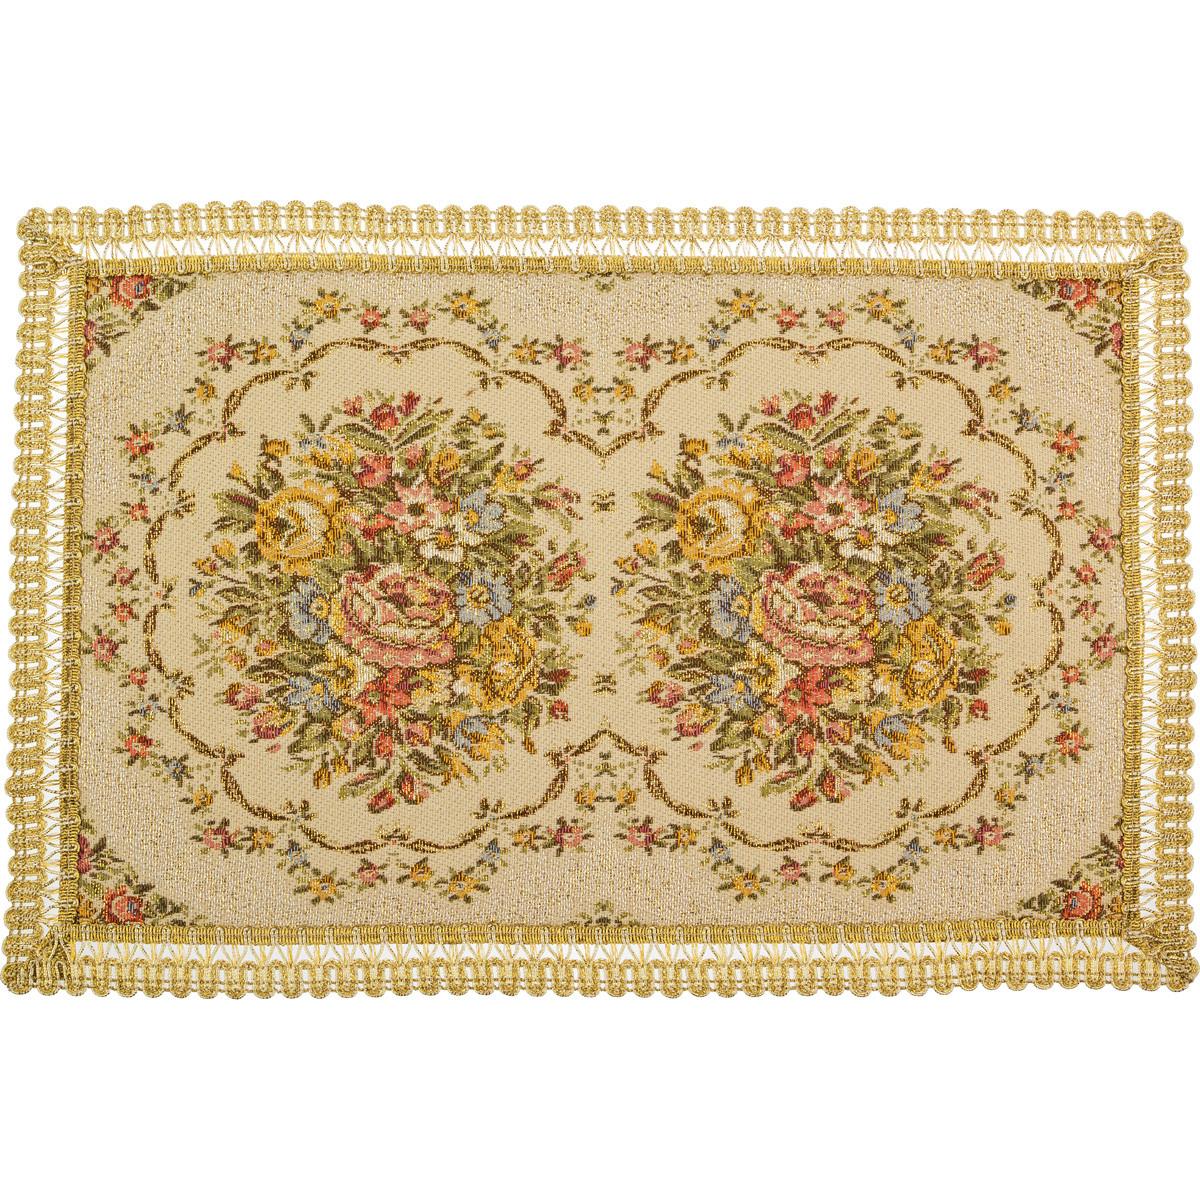 Скатерти и салфетки Lefard Салфетки Juliet  (32х48 см) салфетка декоративная lefard 48 32 см